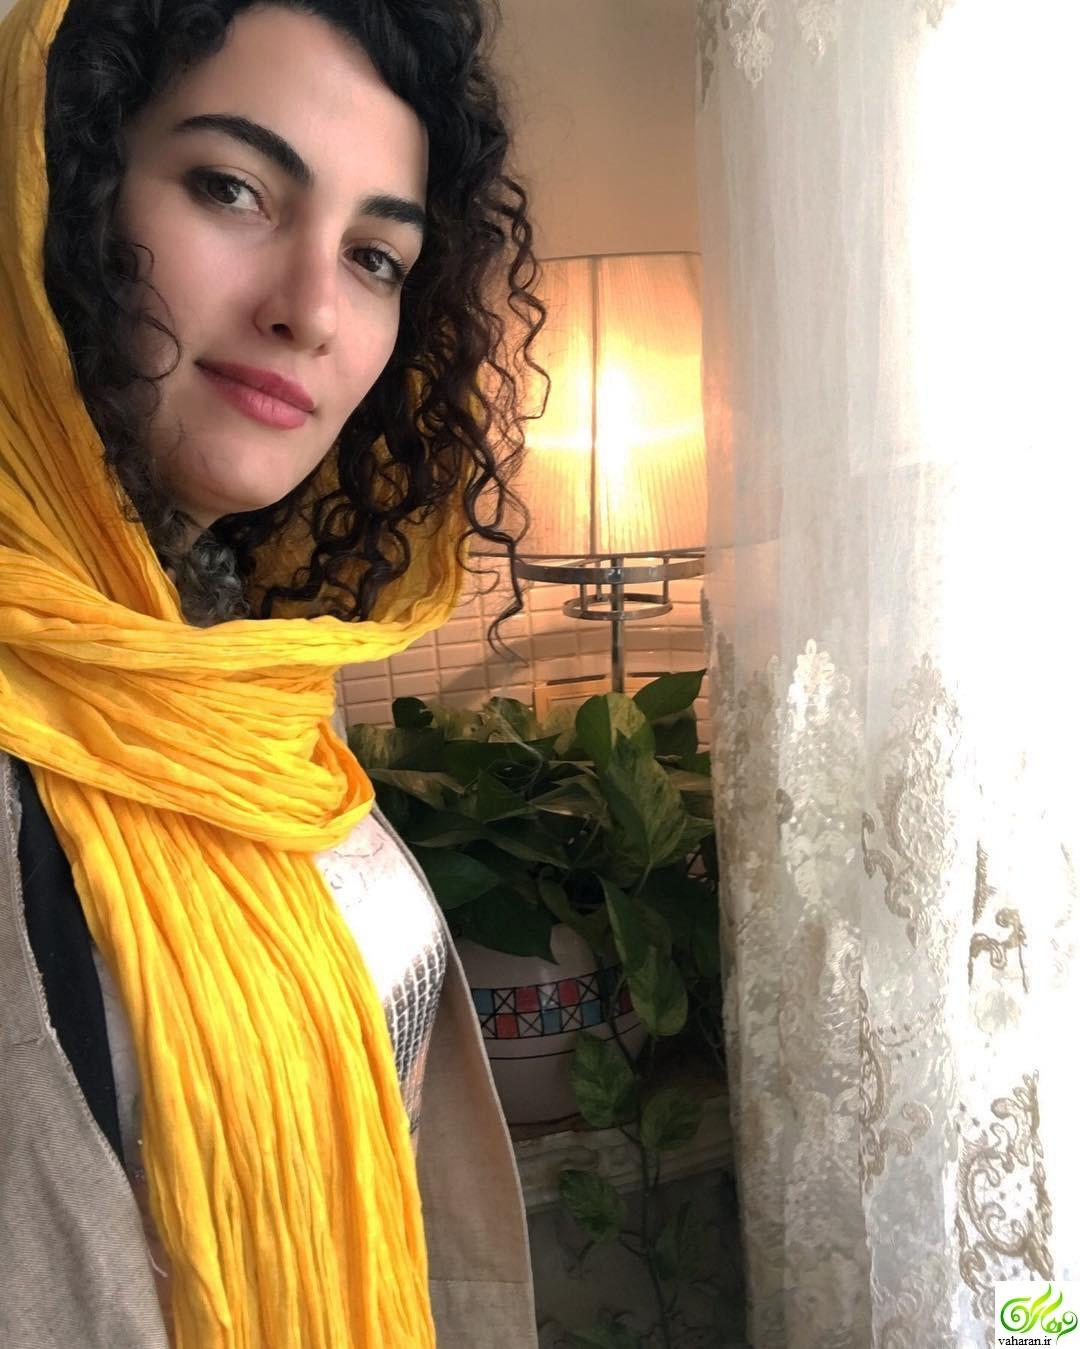 بیوگرافی هدیه آزاده + عکس (بازیگر نقش سوسن در سریال علی البدل)